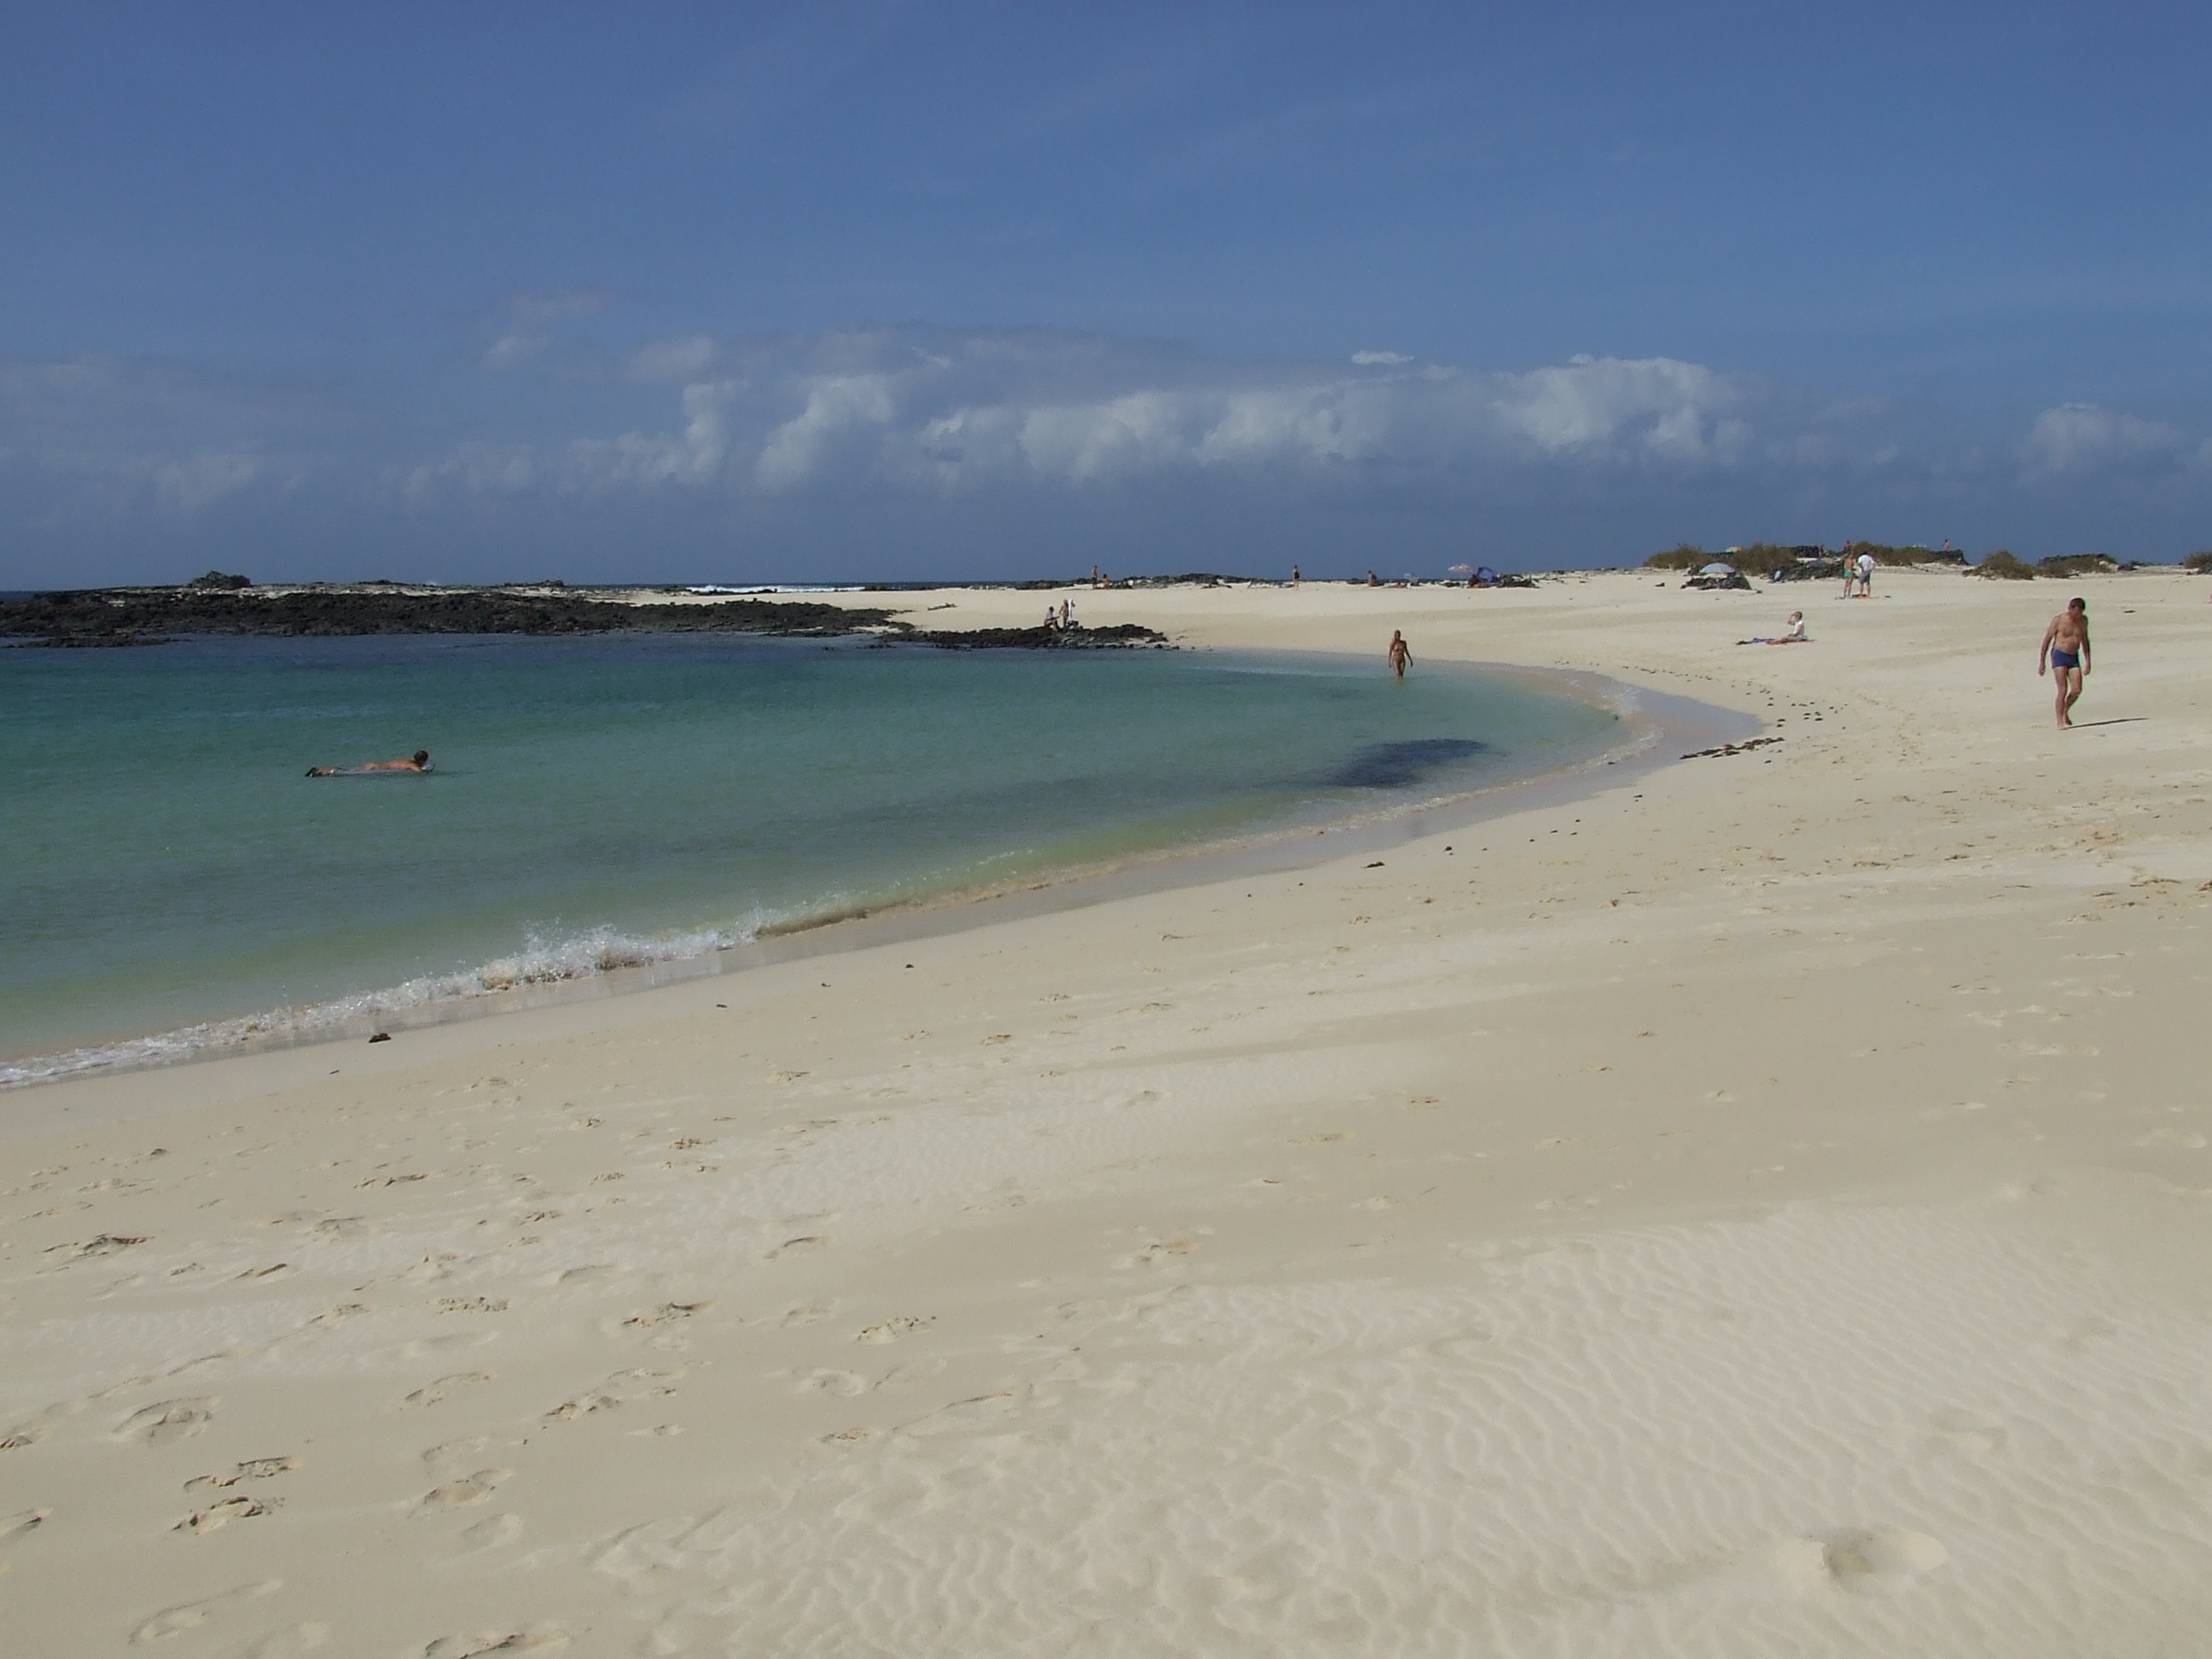 Ottobre Il Nel Clima Mese Di Viaggiamo Fuerteventura rXqBwz8X